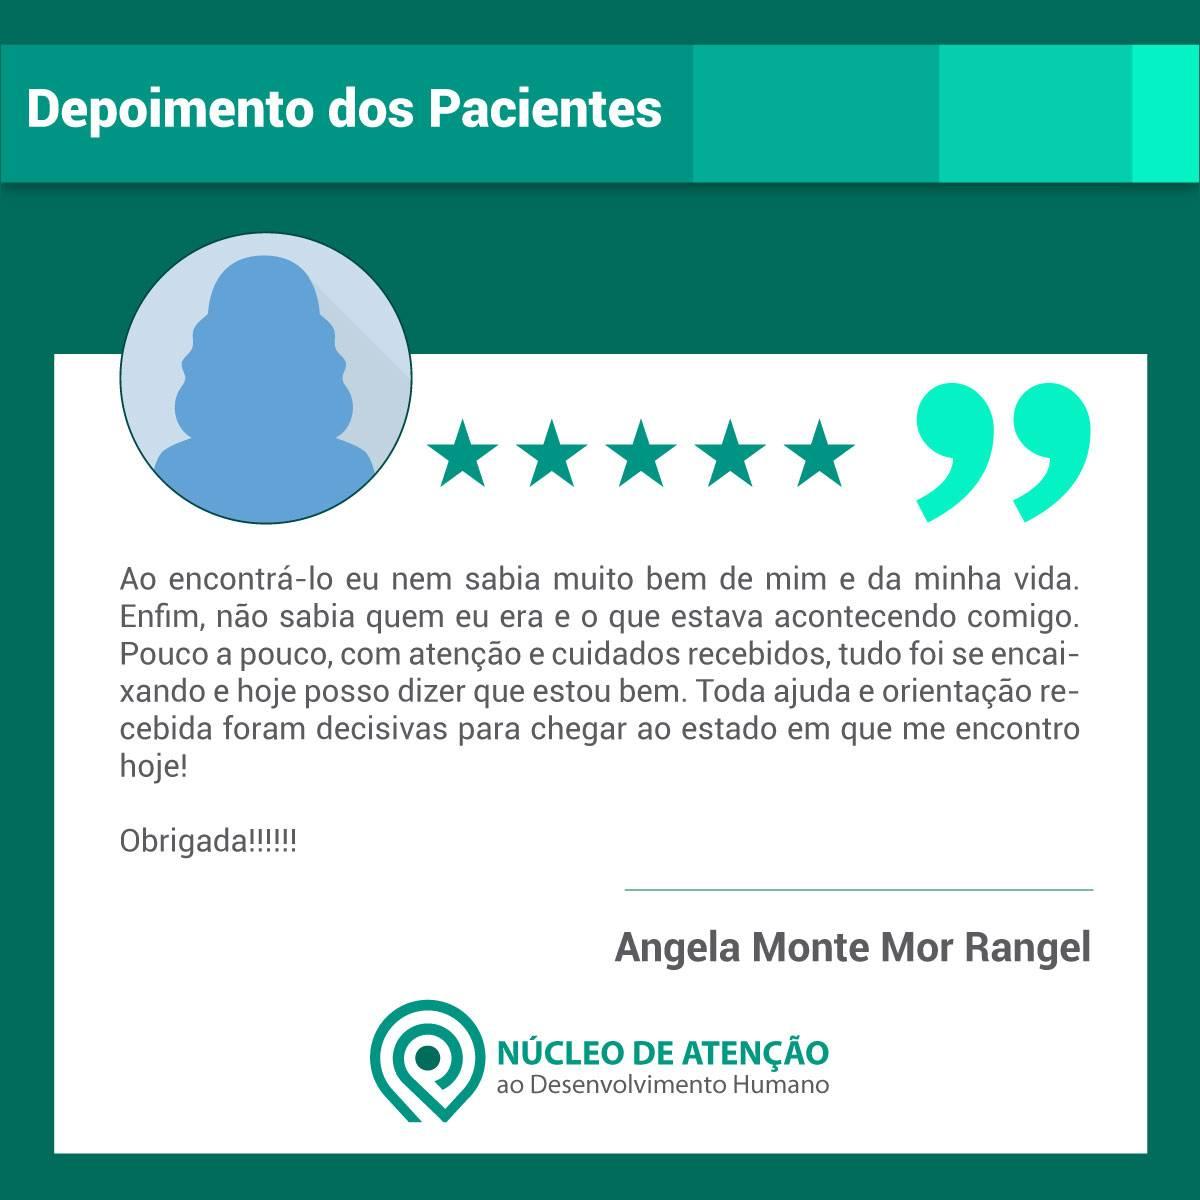 depoimento-dos-pacientes-angela-monte-mor-rangel